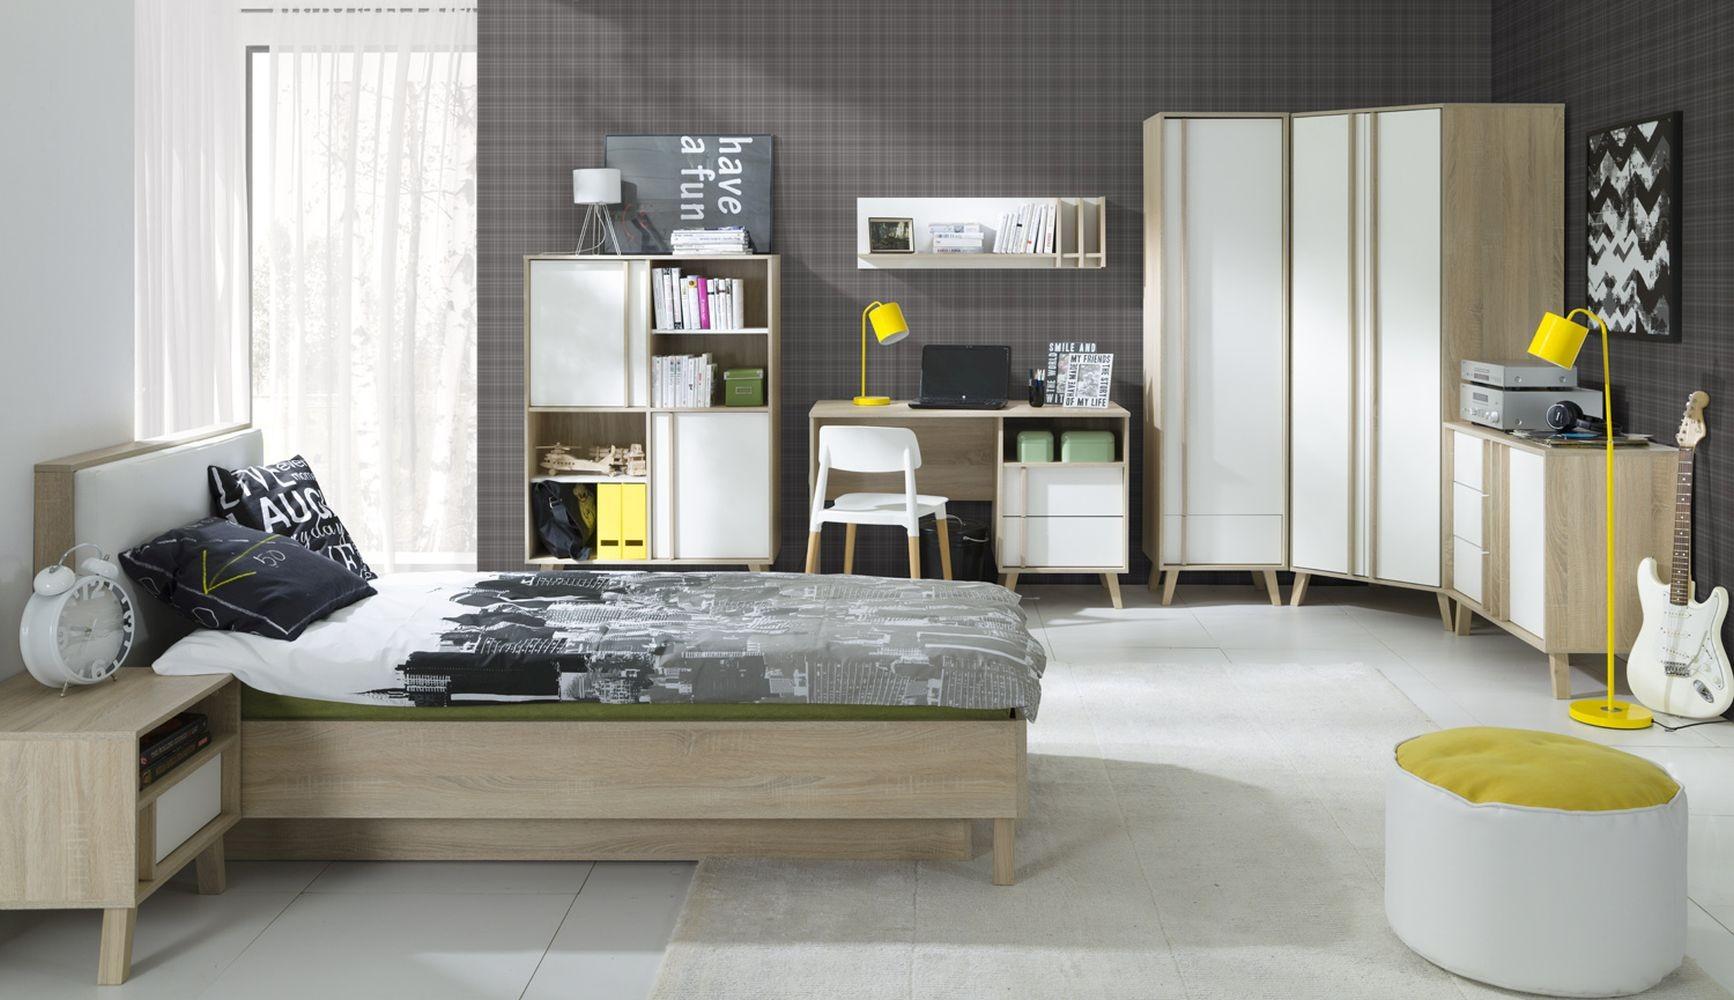 Full Size of Eckschrank Schlafzimmer Lampe Stuhl Für Kommode Weiß Deckenleuchte Betten Schränke Massivholz Deckenleuchten Günstig Deko Weißes Wandleuchte Kommoden Schlafzimmer Eckschrank Schlafzimmer